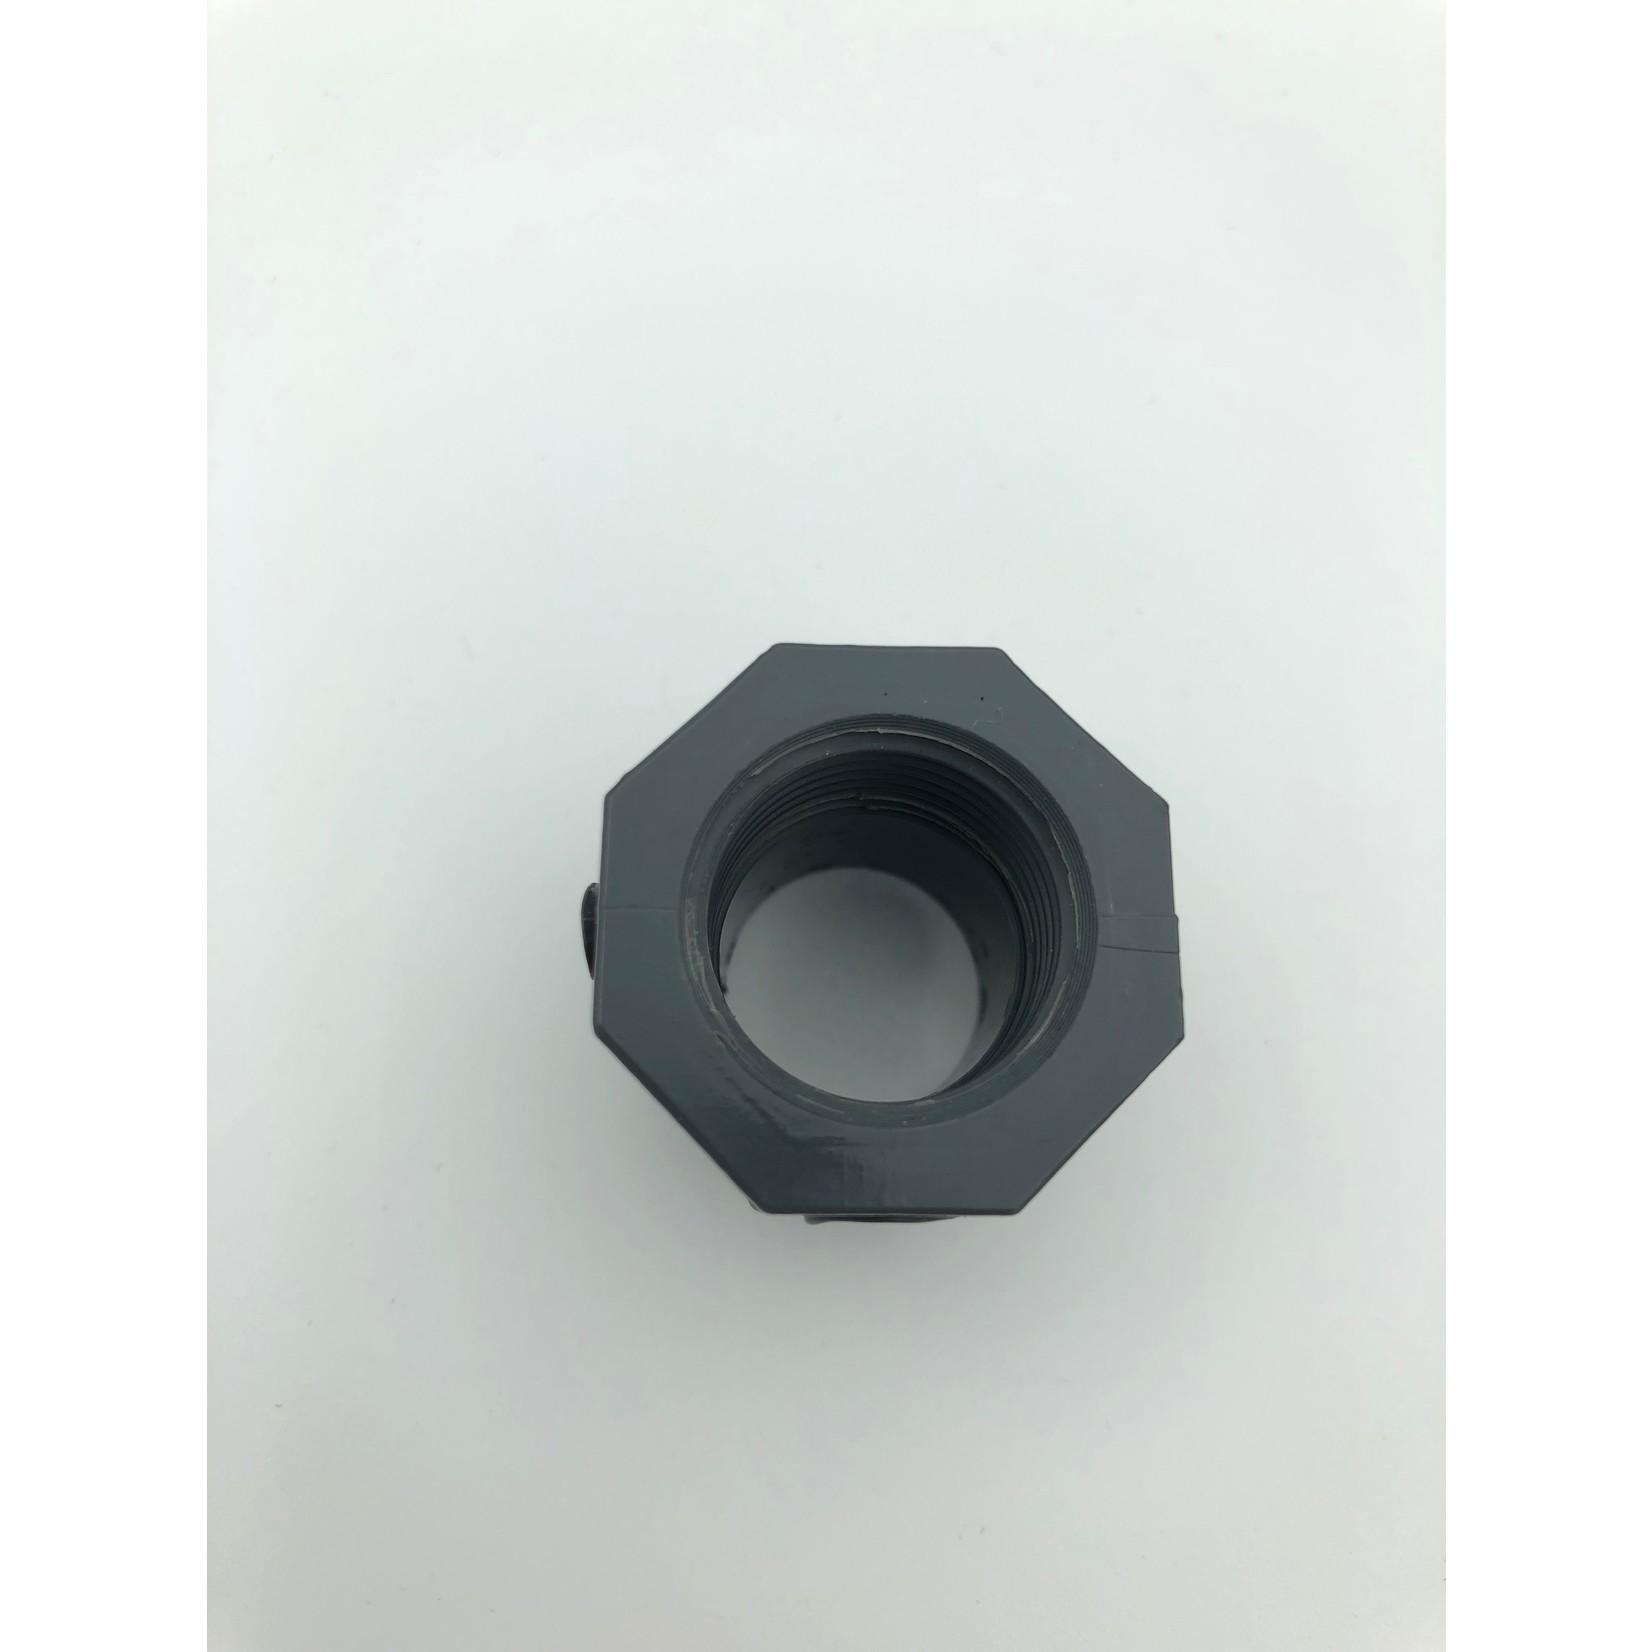 Robesol Verloopring 1/4 inch naar 1/2 inch